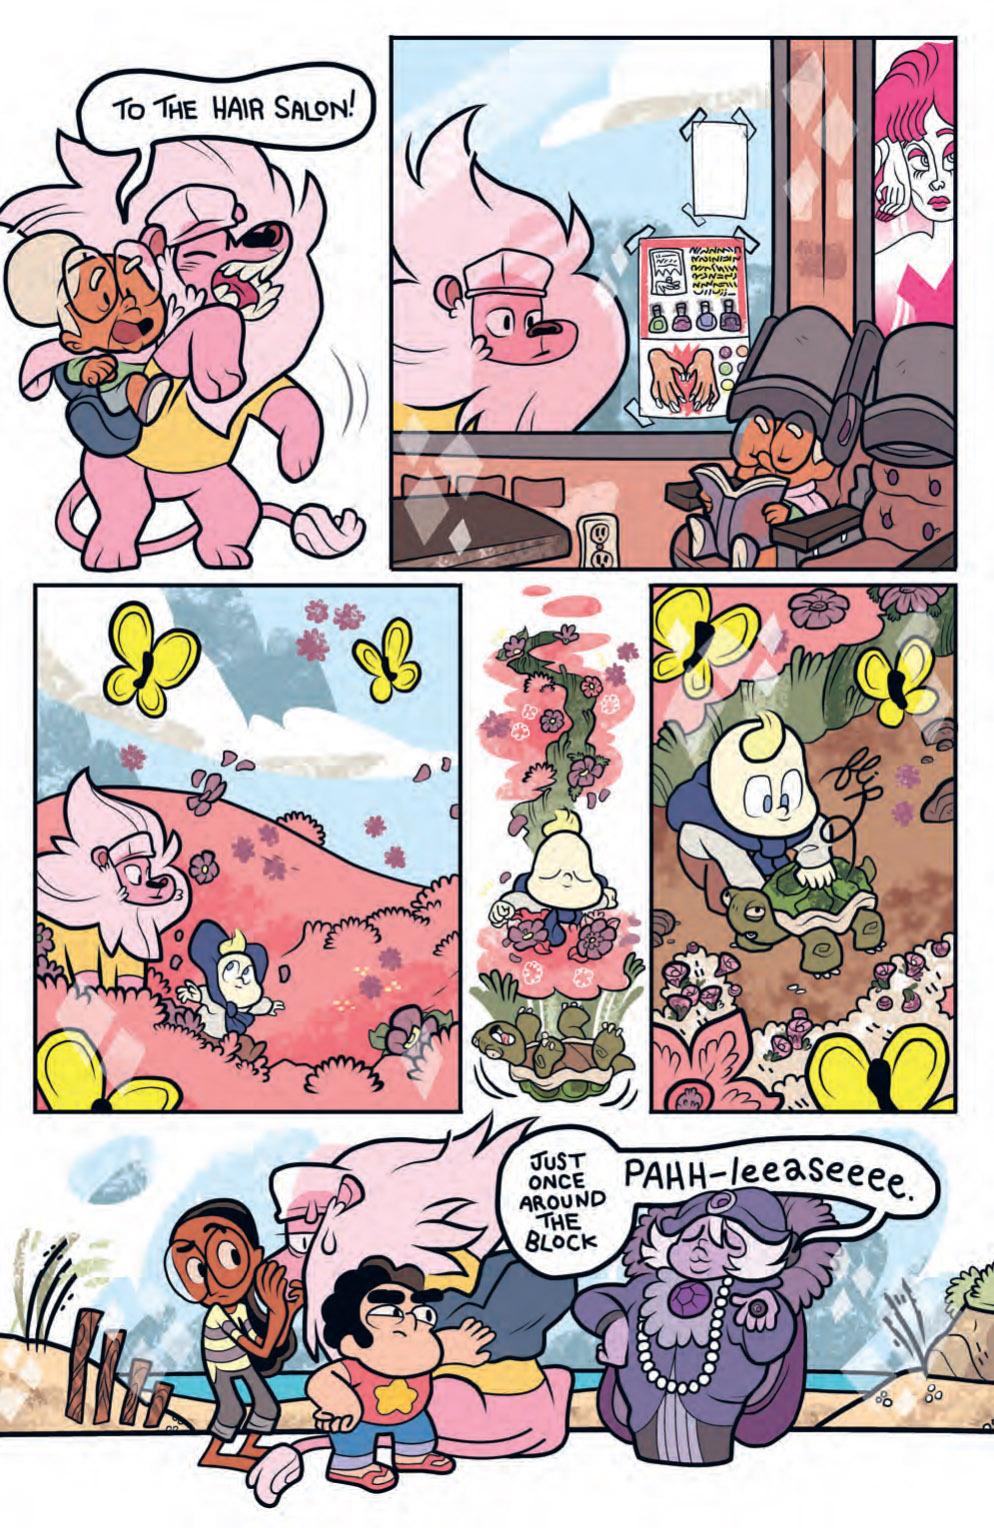 Steven universe funny comics